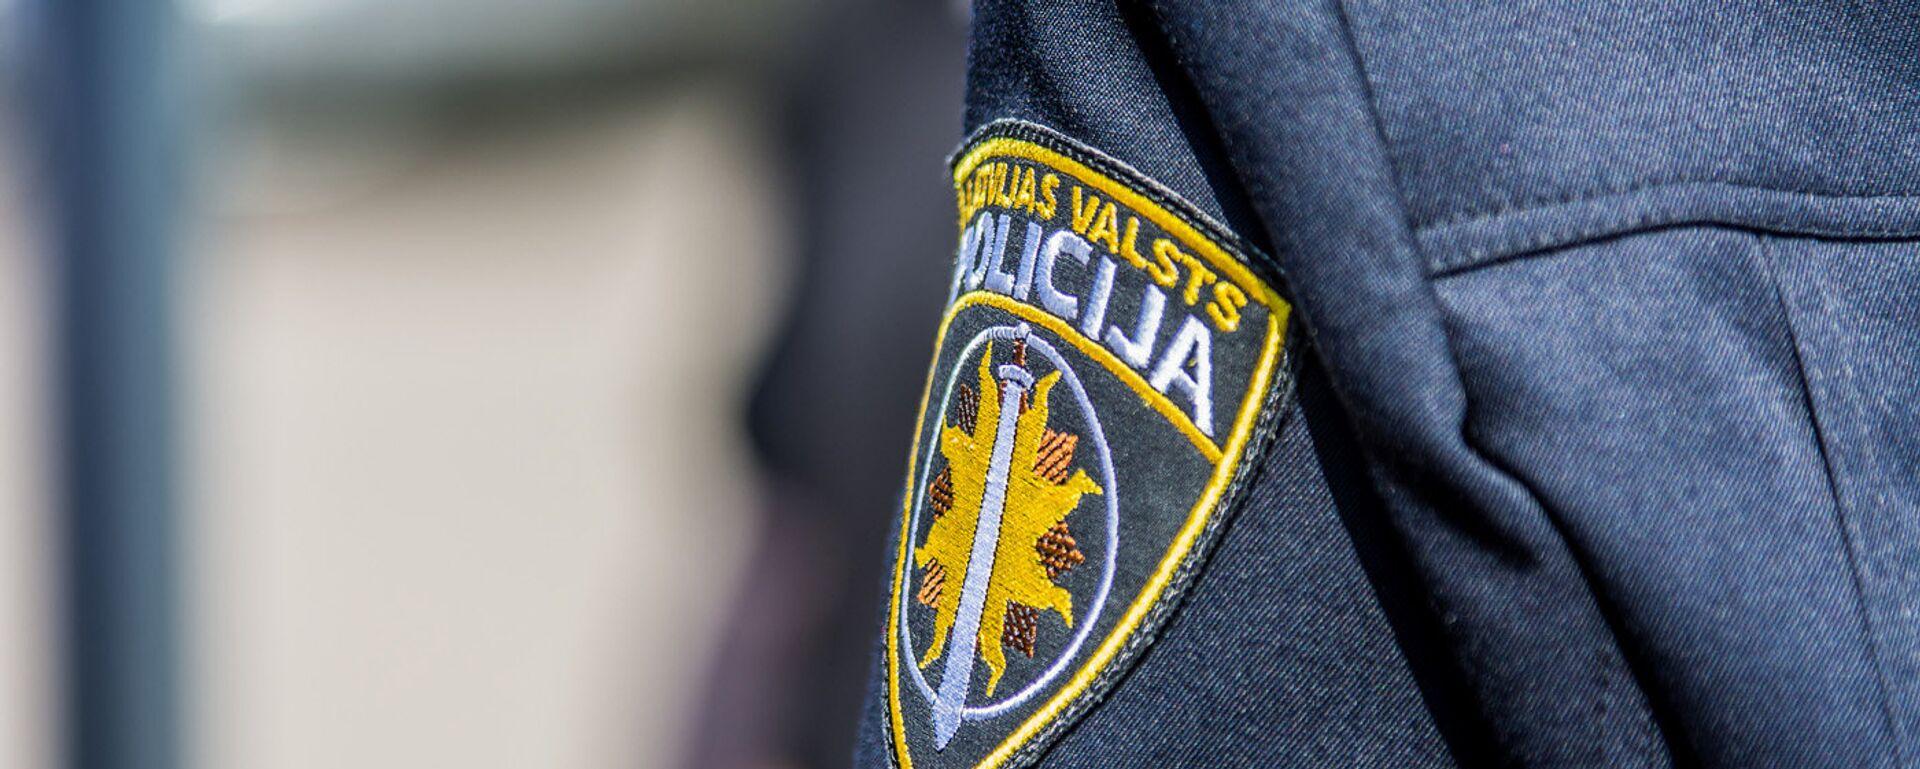 Государственная полиция Латвии - Sputnik Латвия, 1920, 02.06.2021